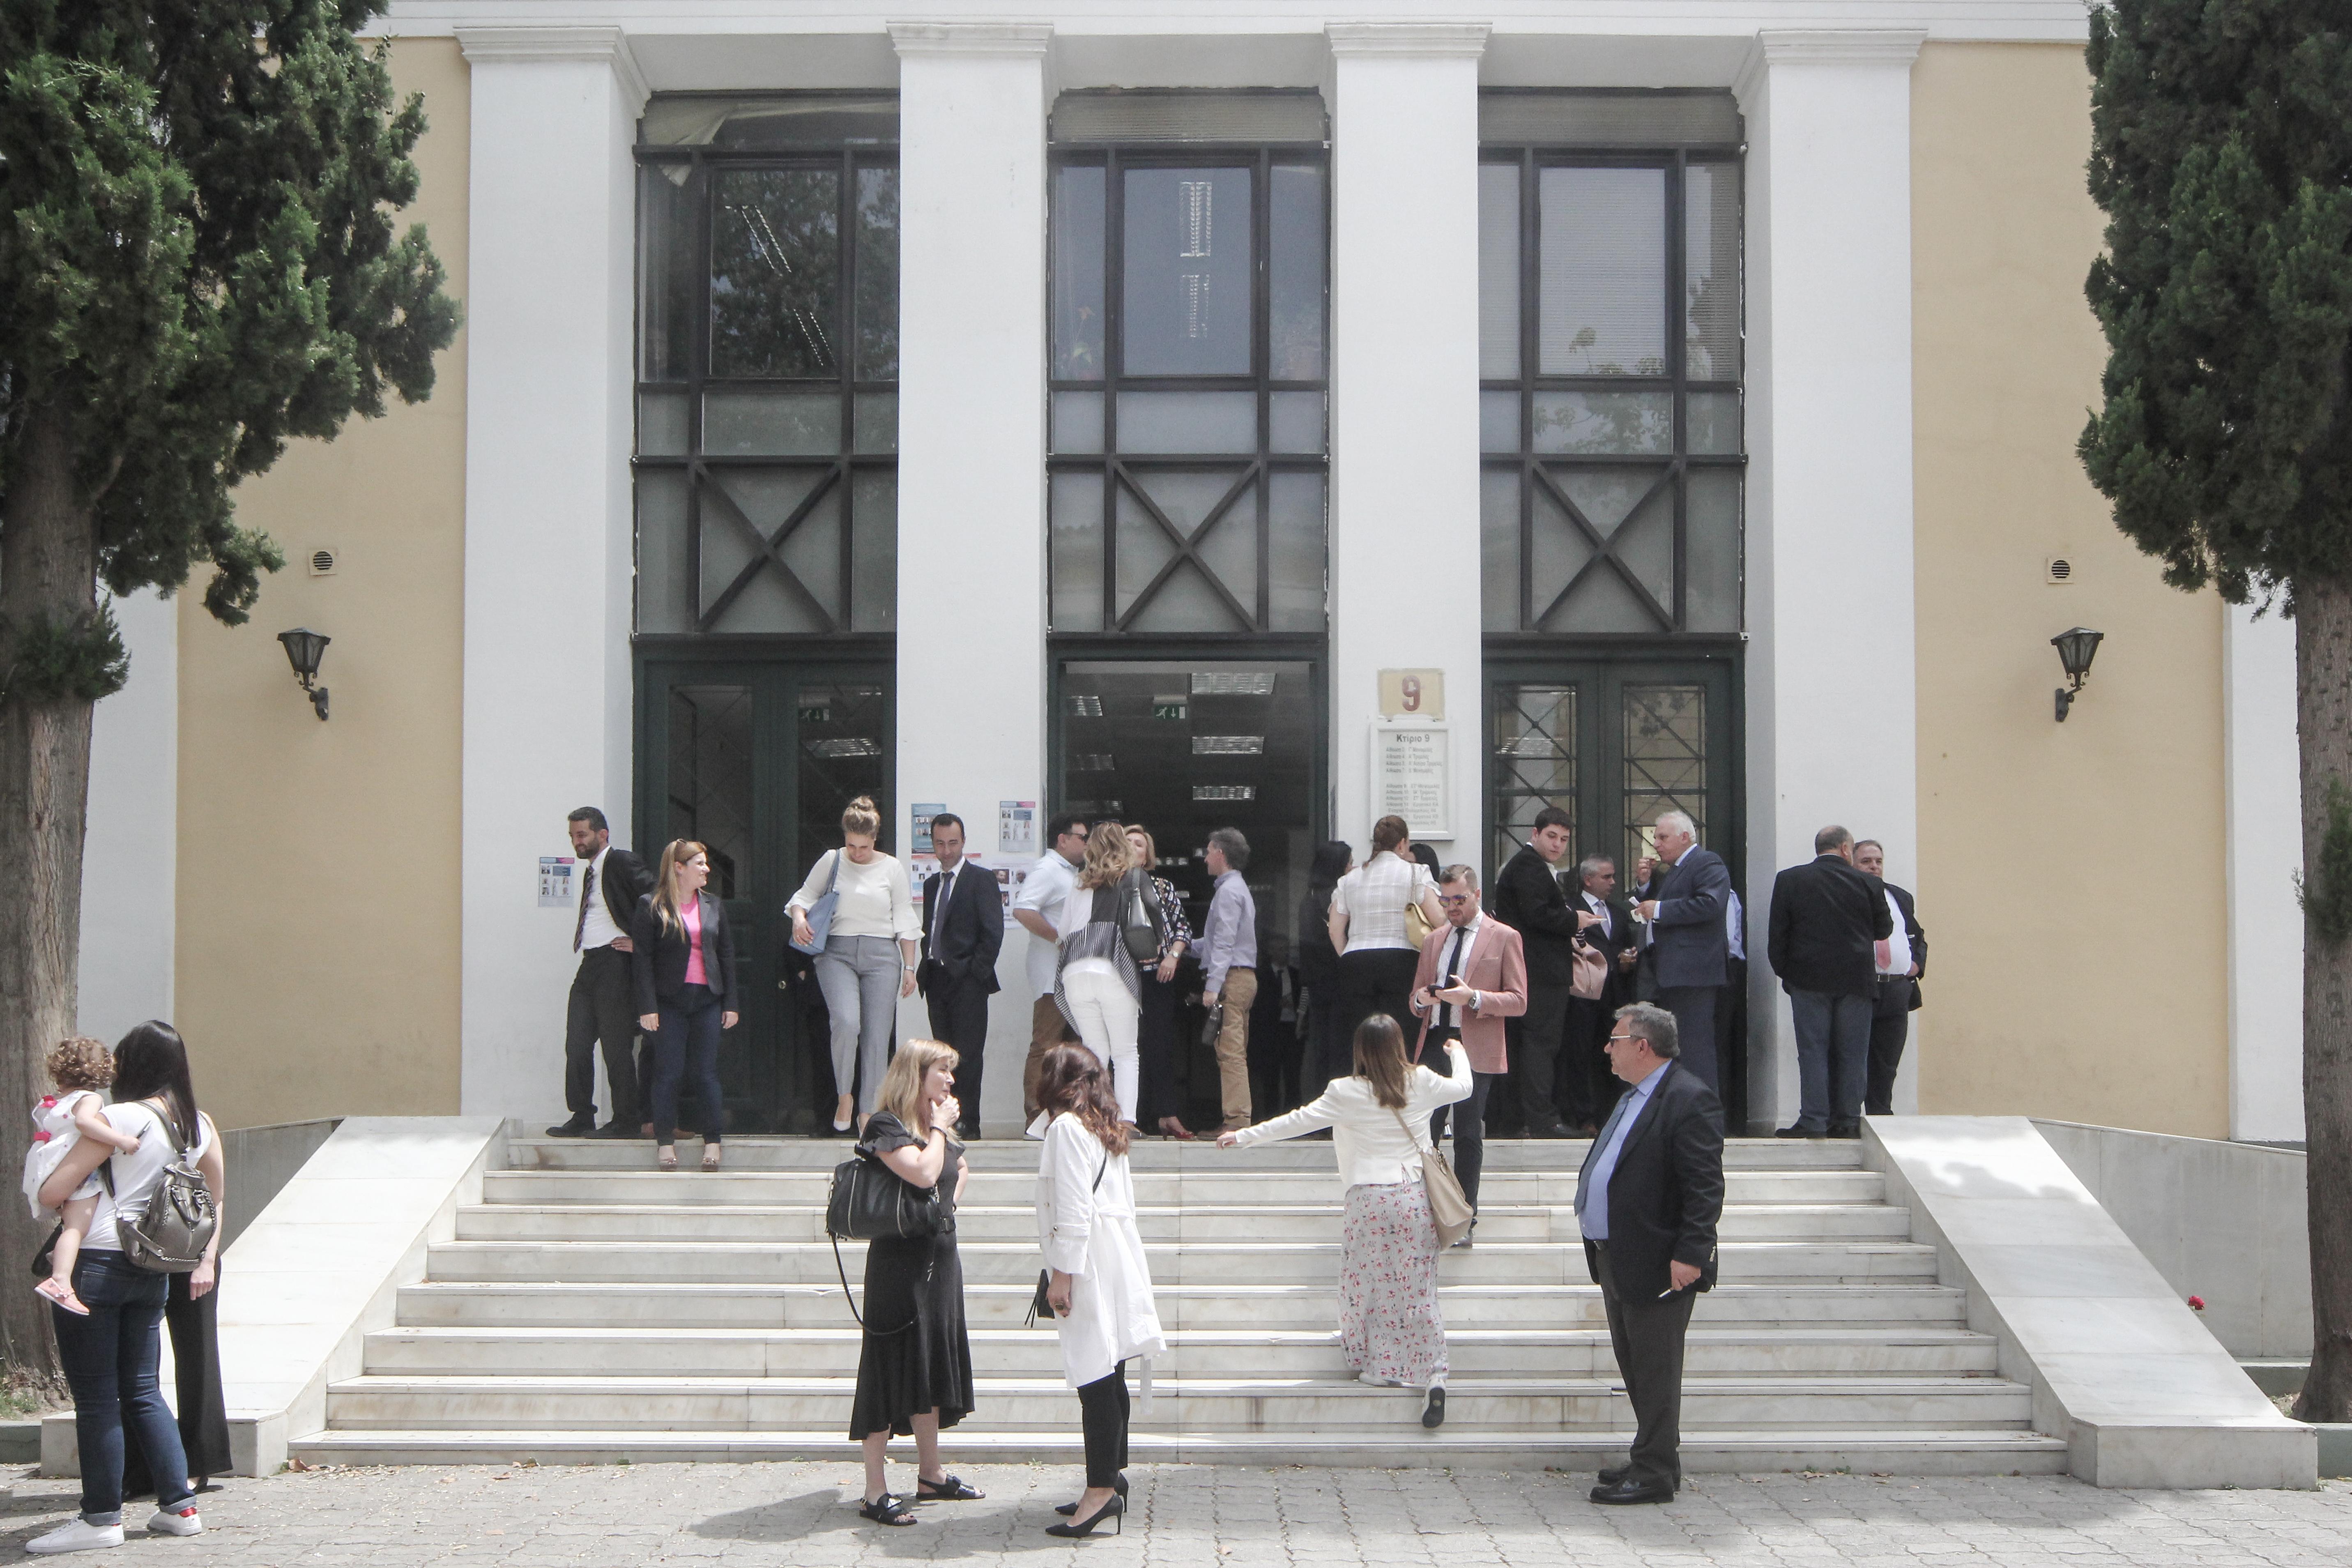 Δικαστές: Φαρισαϊσμός να καταγγέλλονται αυτοί που εφάρμοσαν τον νόμο   tovima.gr